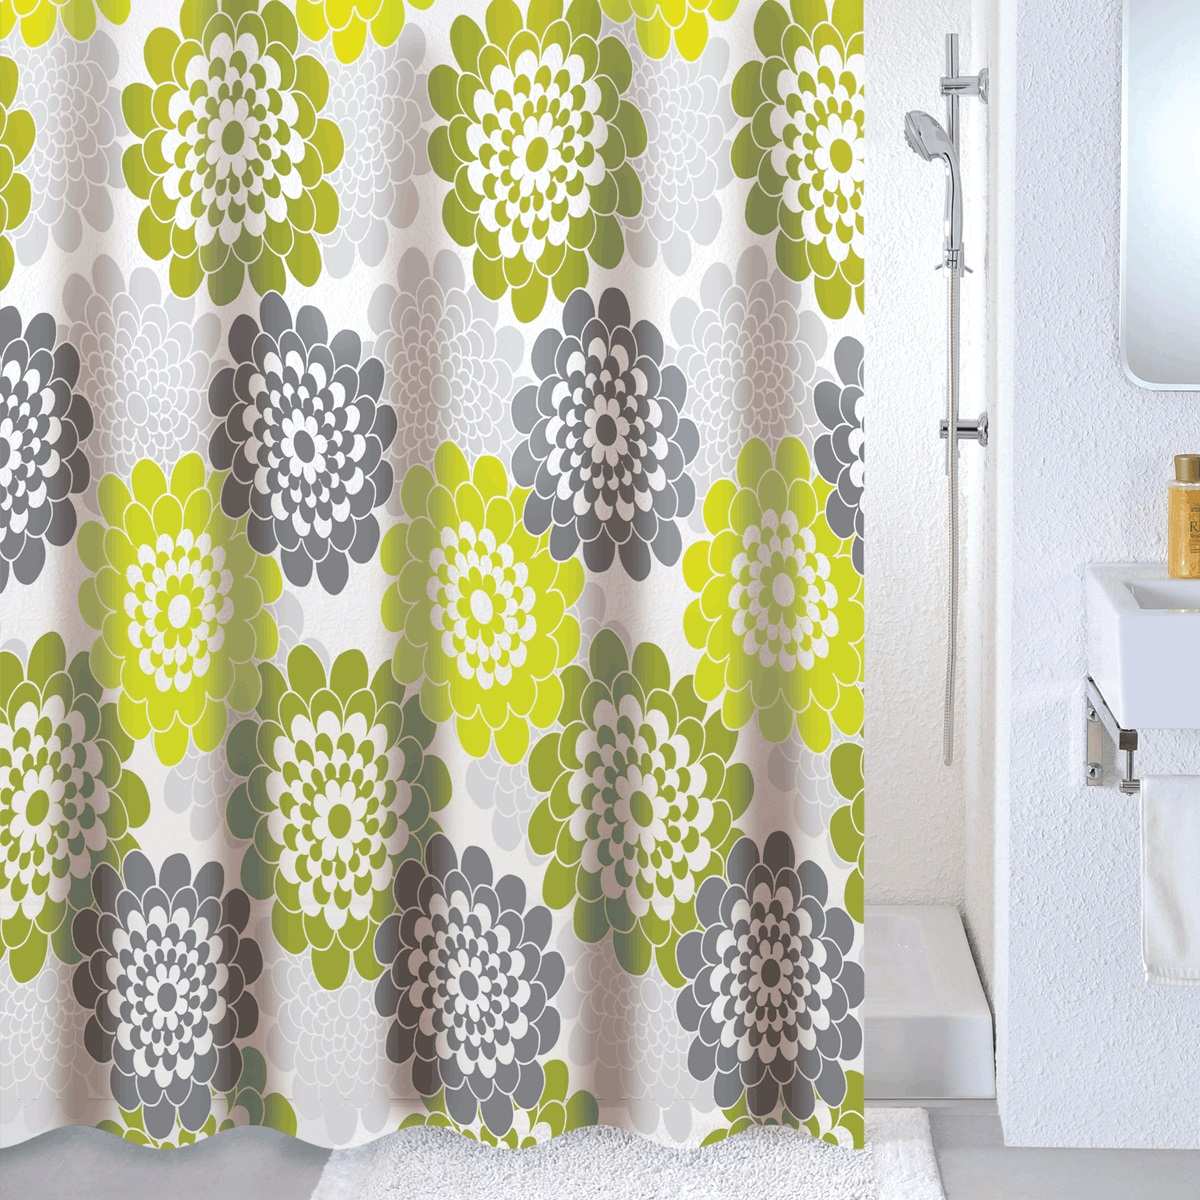 Штора для ванной Milardo Flower lane, цвет: зеленый, 180 x 180 см532V180M11Материал: PEVA, толщина 0,09 мм, белая подложка, упаковка ПВХ пакет, 12 металлических люверсов, кольца в комплекте (12 шт.)